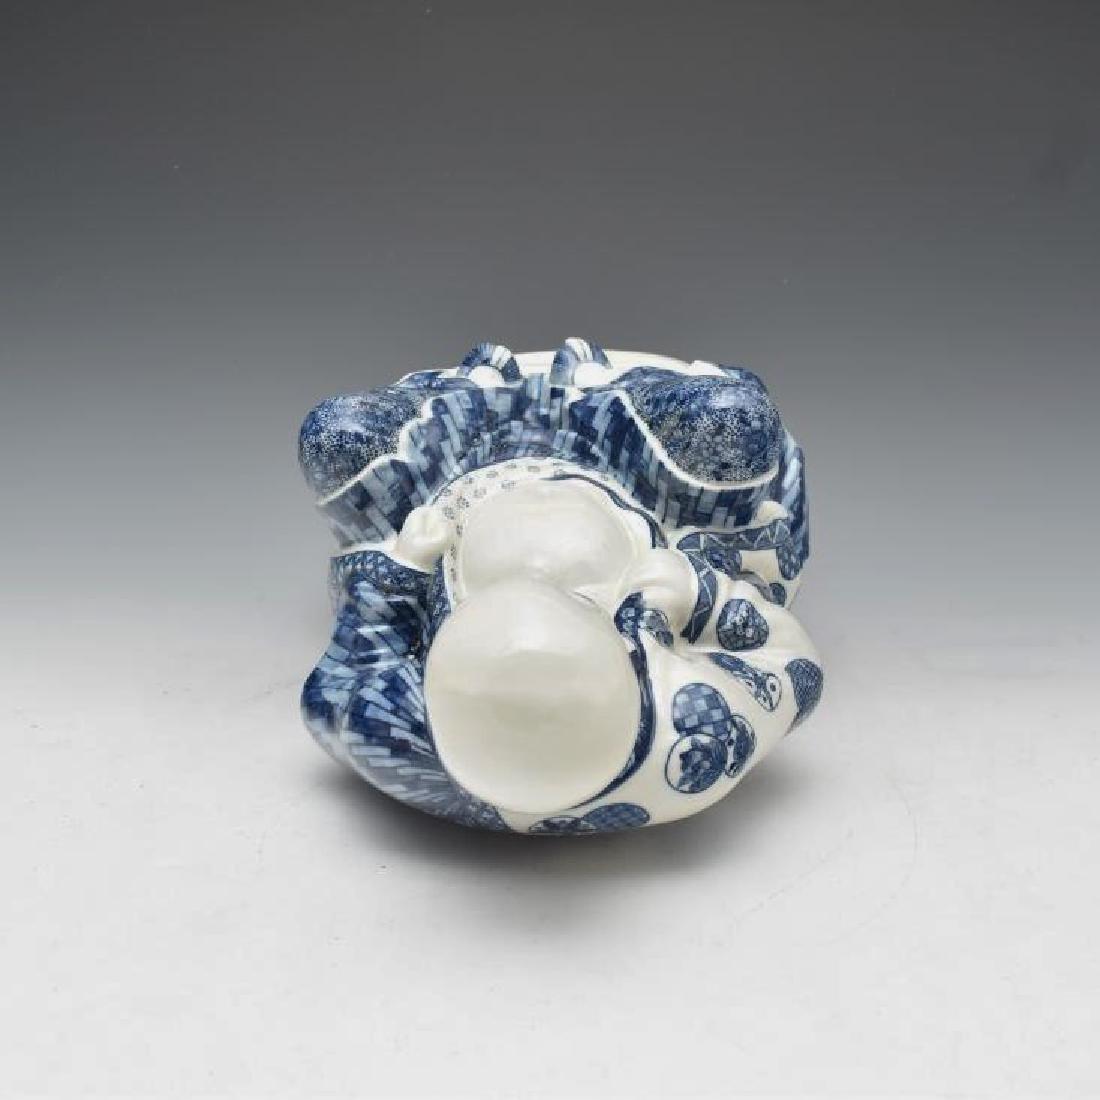 BLUE UNDERGLAZED PORCELAIN SEATED BUDDHA - 9